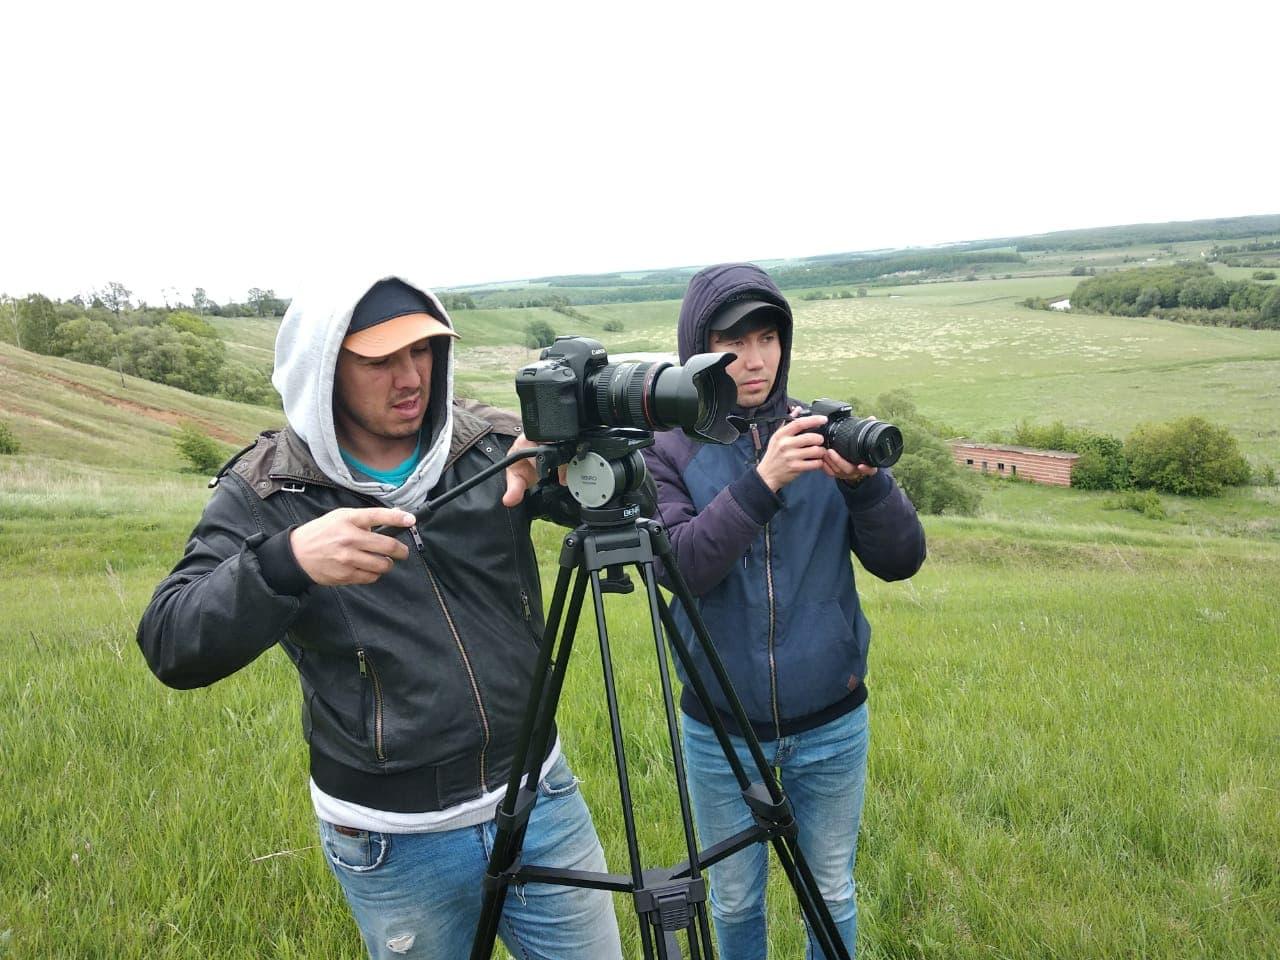 Башкирские кинематографисты обнаружили в Чувашии тракт, по которому везли Салавата Юлаева и Юлая Азналина